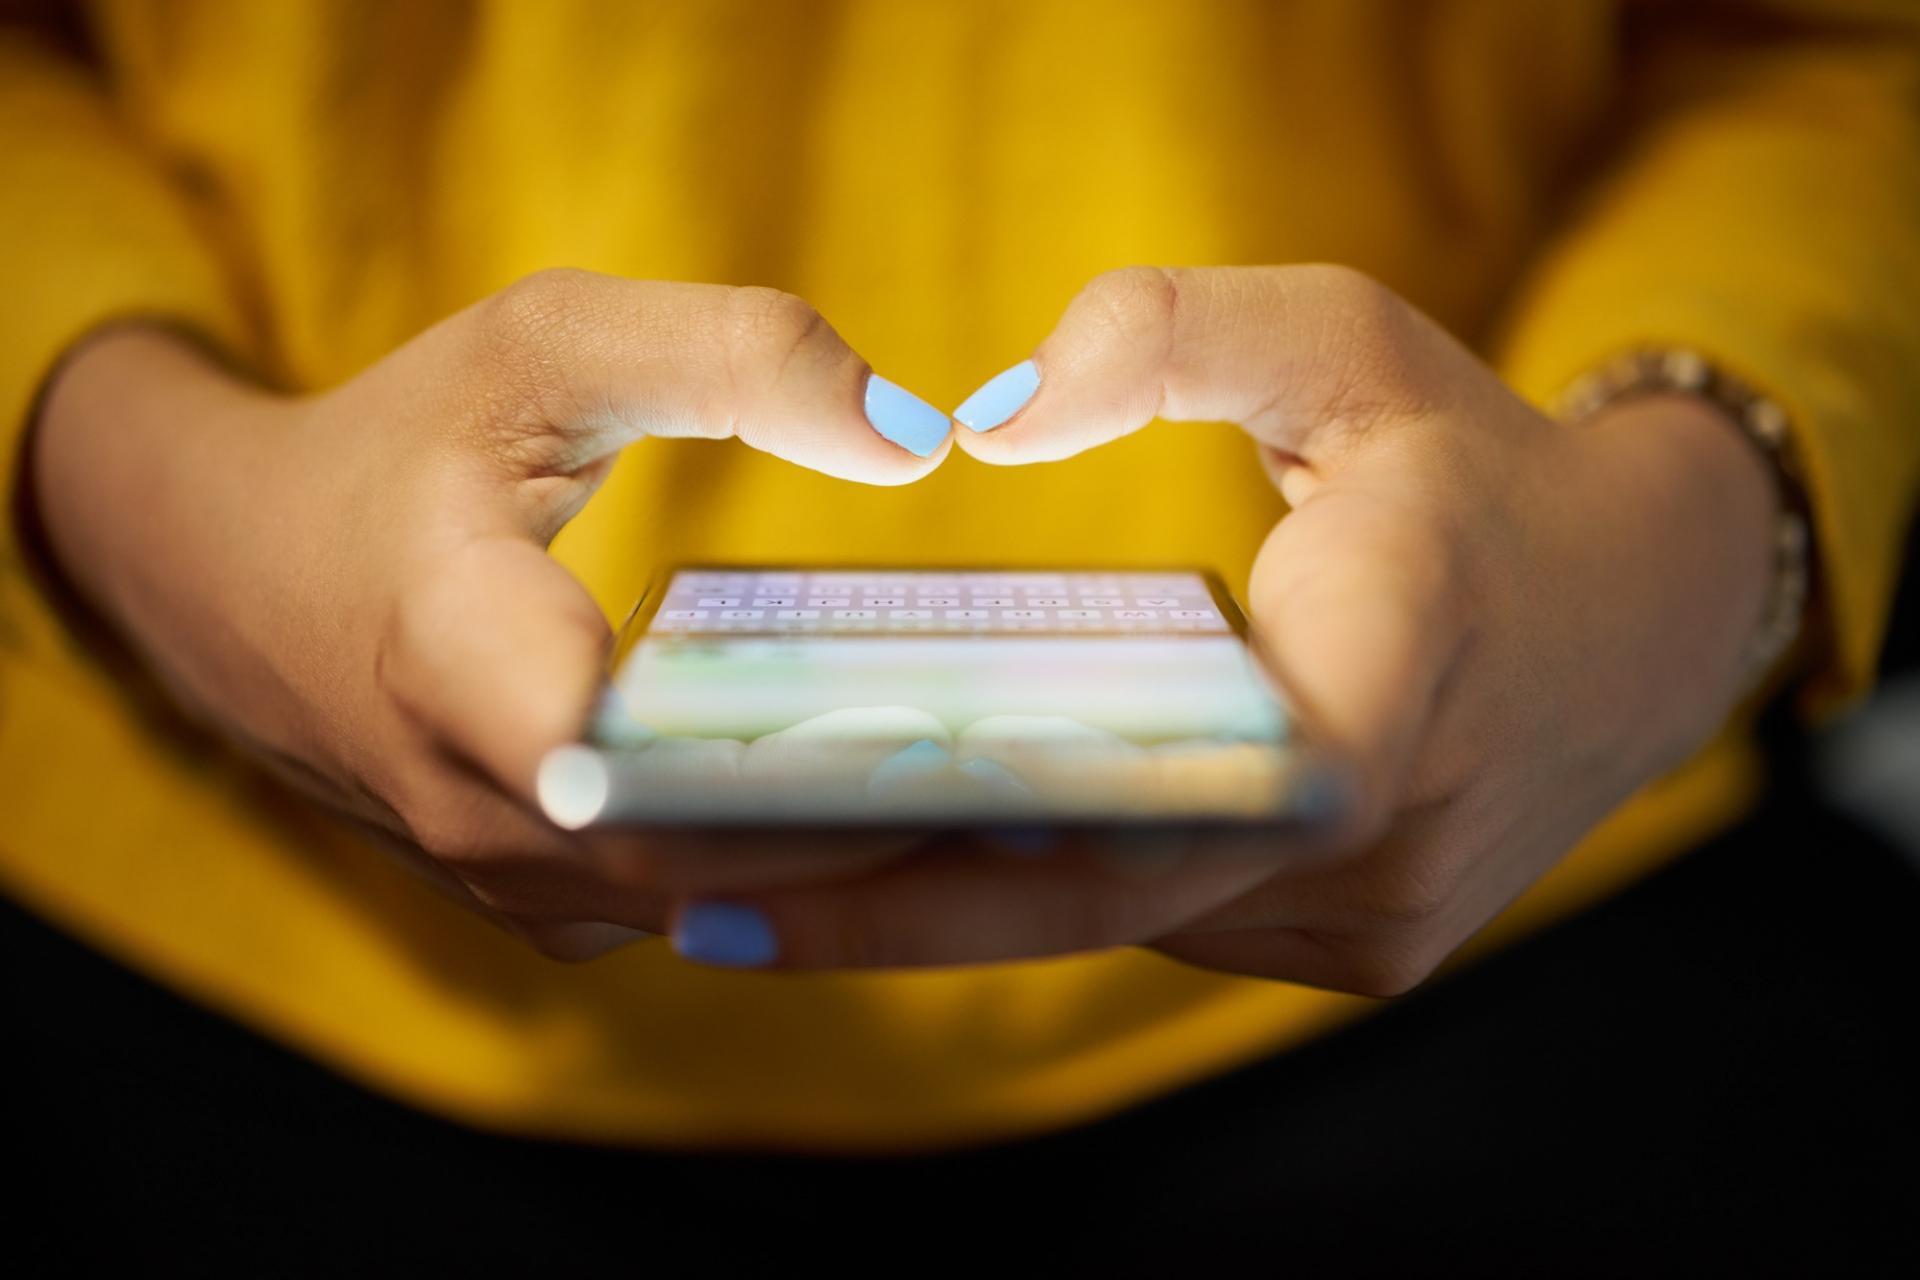 WhatsApp: stop alle catene di sant'Antonio, arrivano gli avvisi di spam